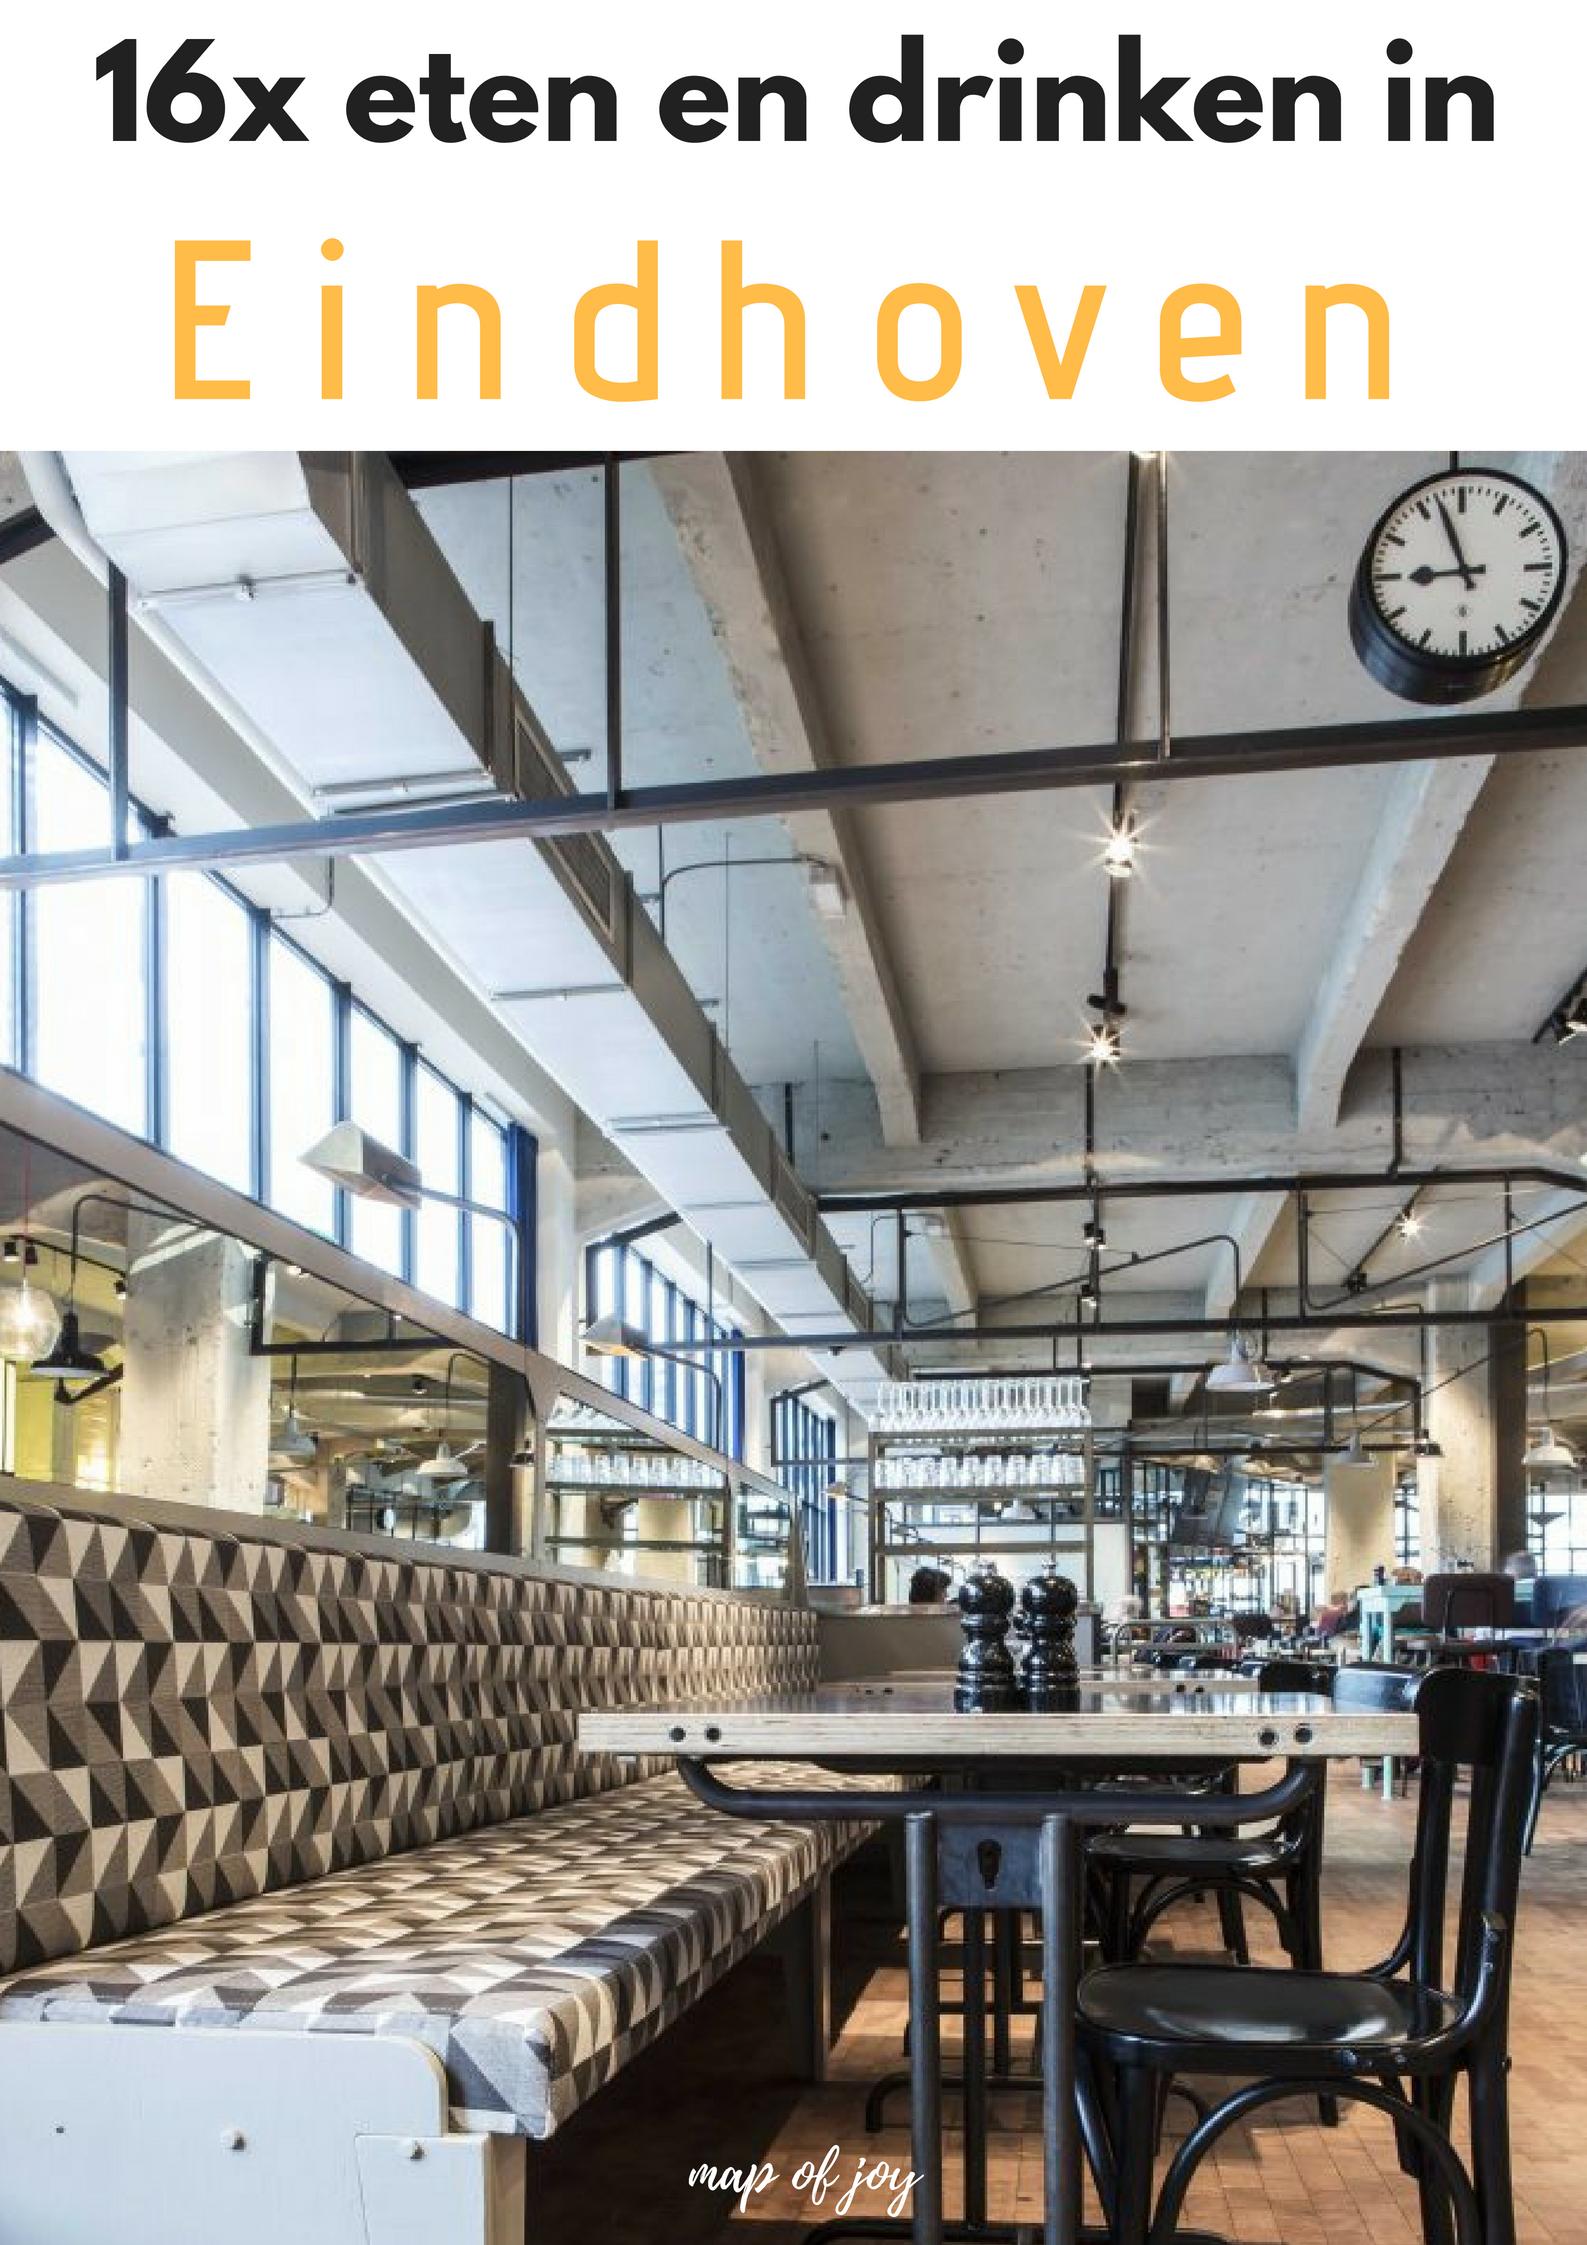 16x eten en drinken in Eindhoven bij deze leuke food hotspots - Map of Joy